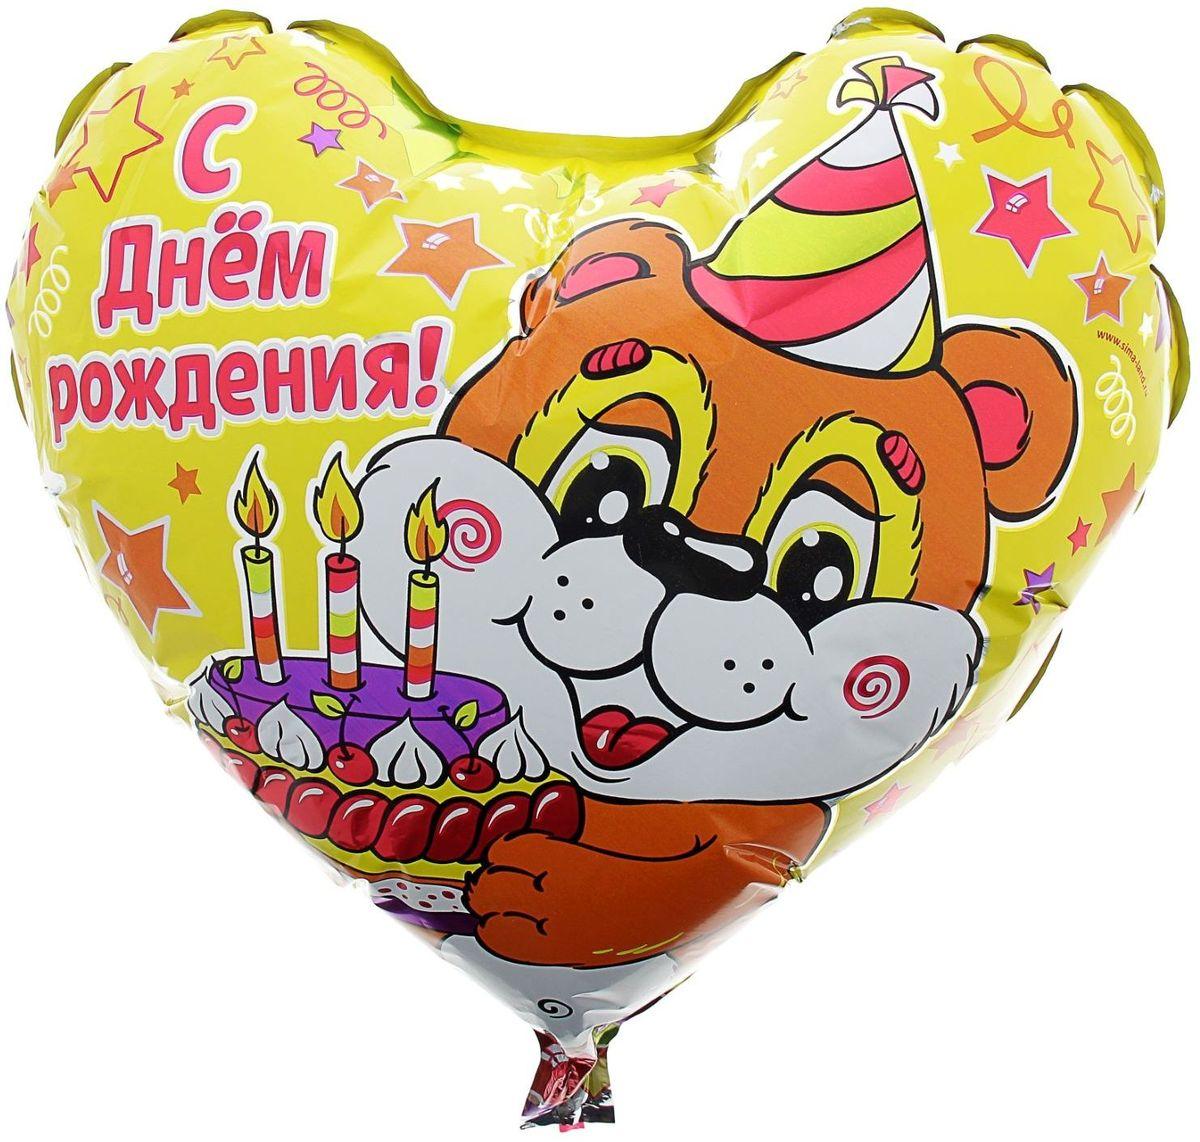 Картинка с днем рождения с сердцем